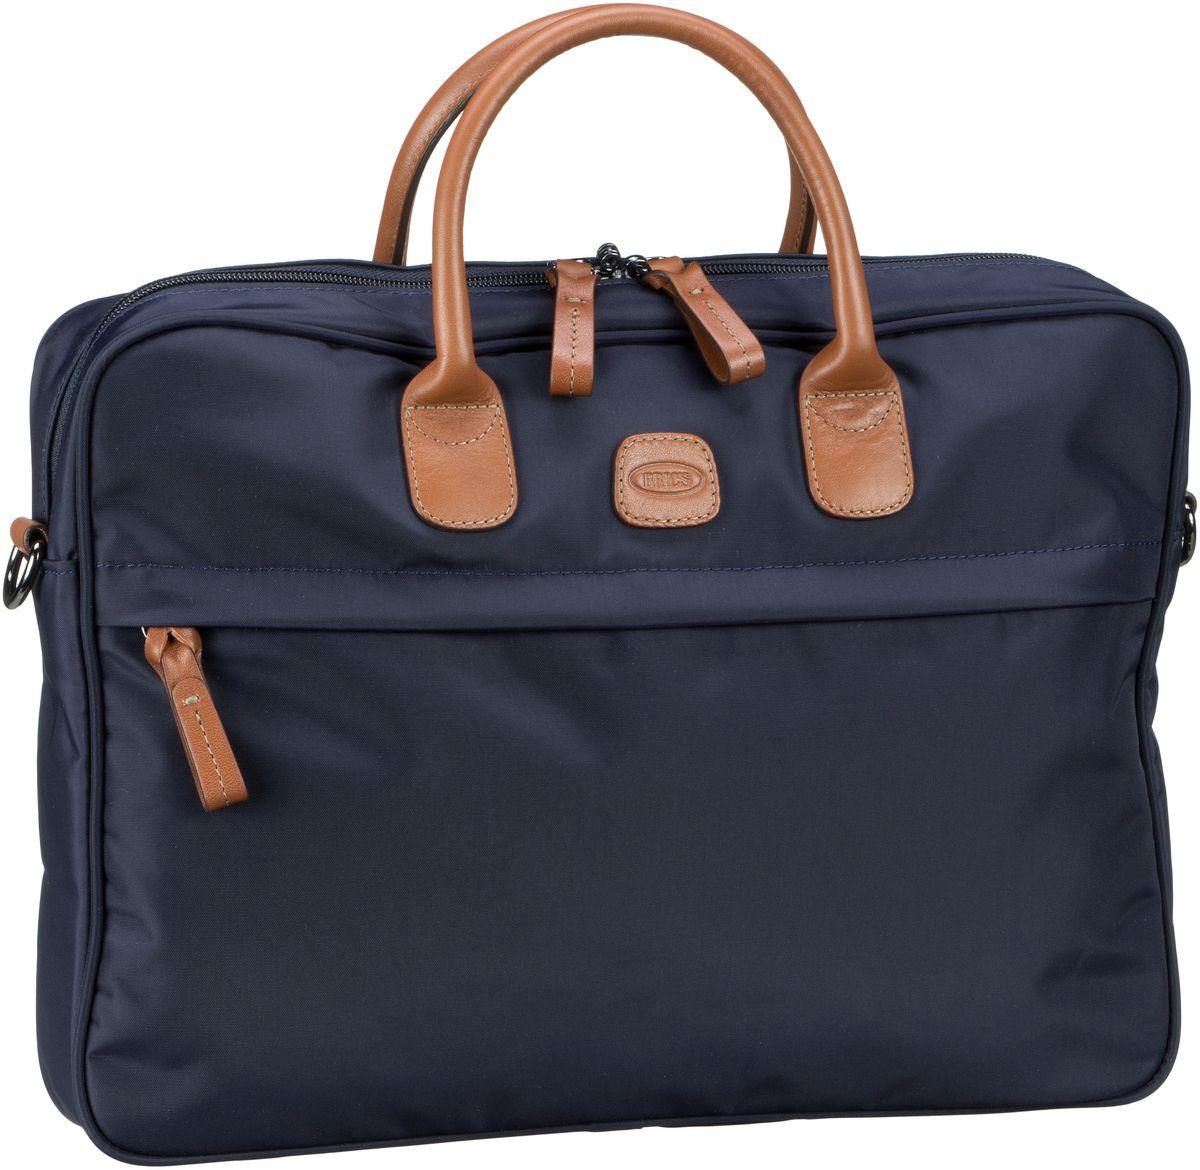 Businesstaschen für Frauen - Bric's Aktenmappe X Travel Aktenmappe 45124 Oceano  - Onlineshop Taschenkaufhaus